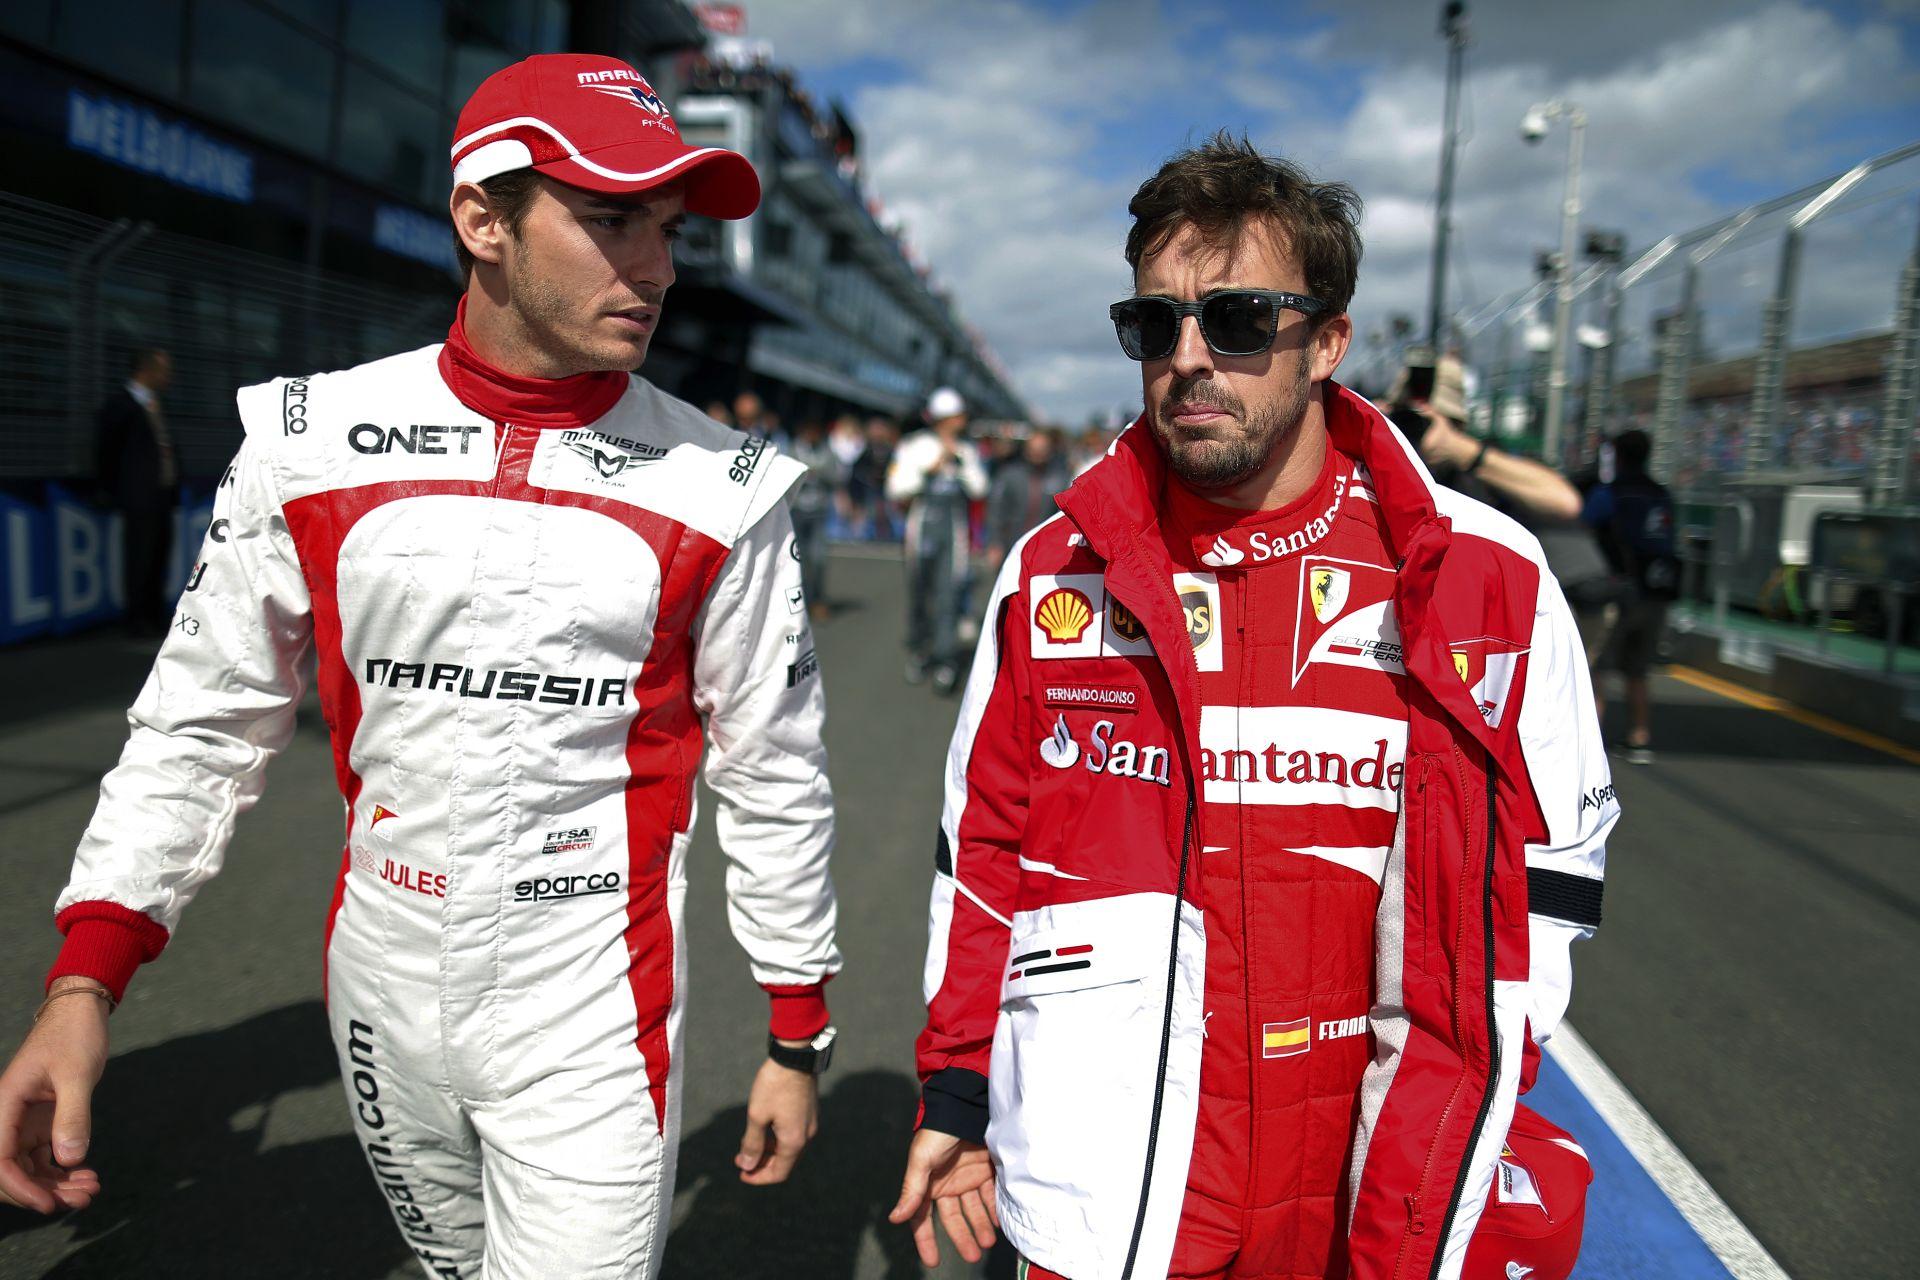 Alonso: Bianchi nagyon jó barátom, szívből gratulálok neki!